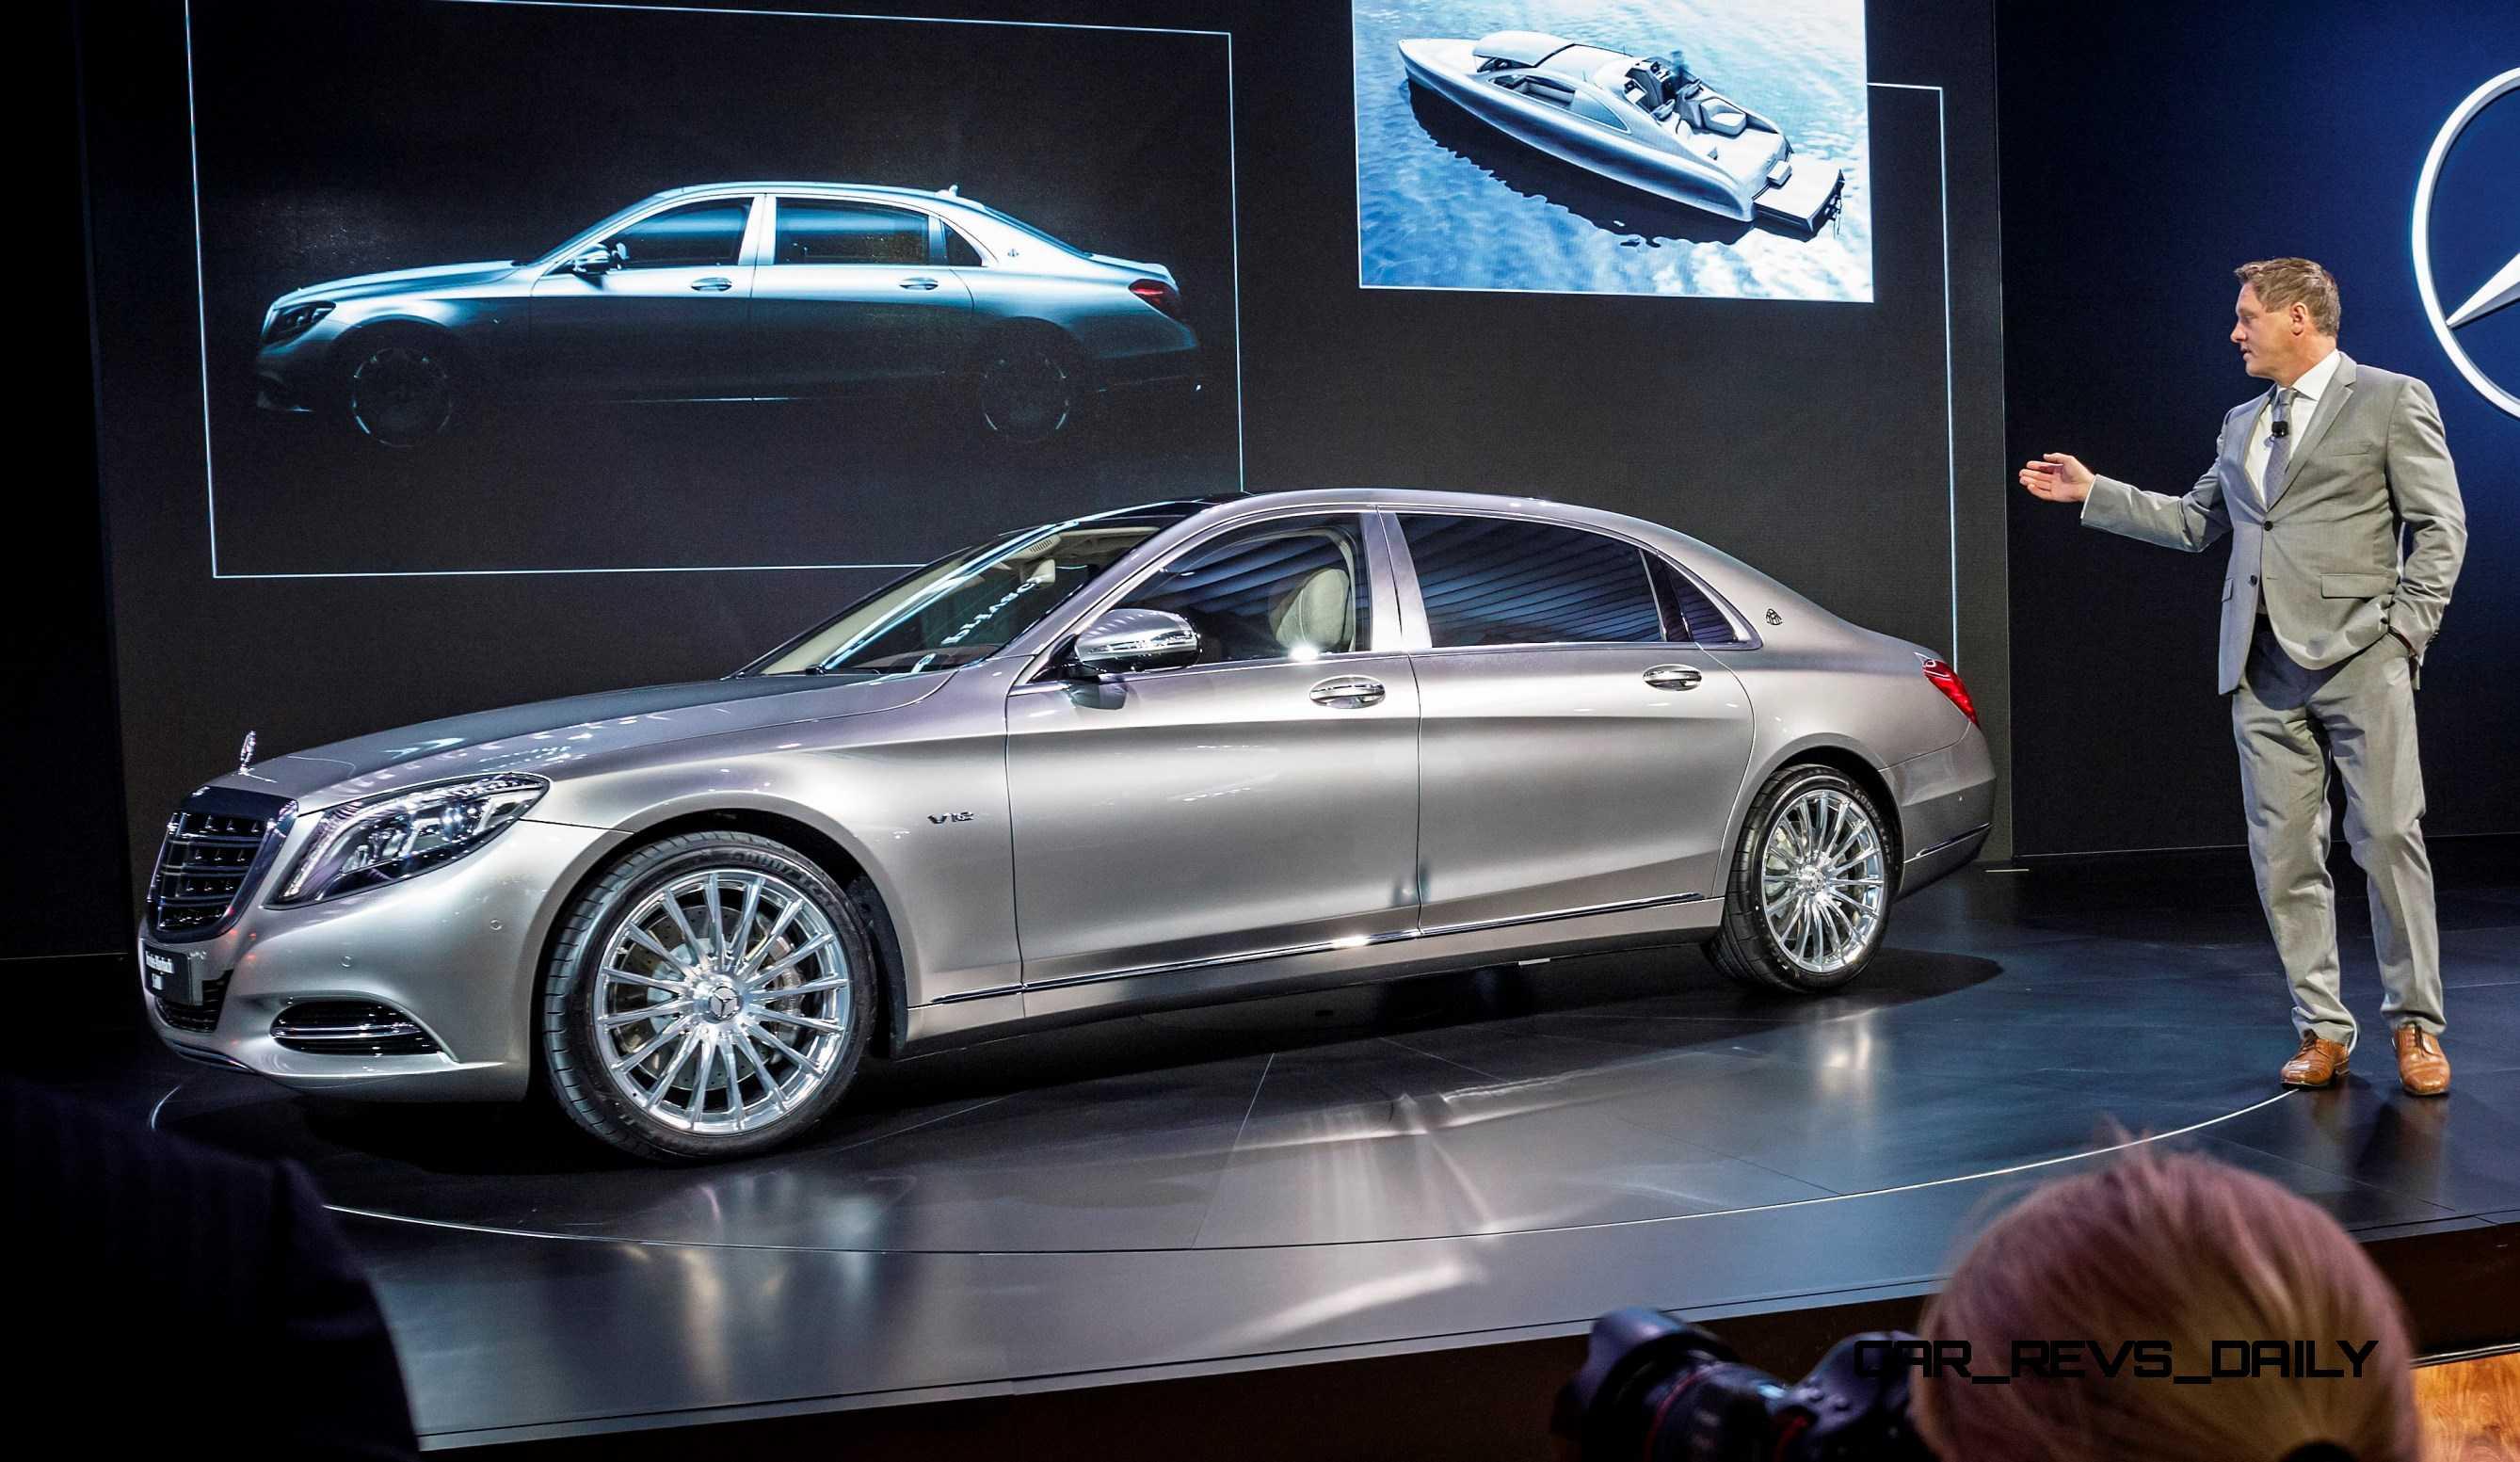 2015 mercedes maybach s600 brings royal upgrades to new